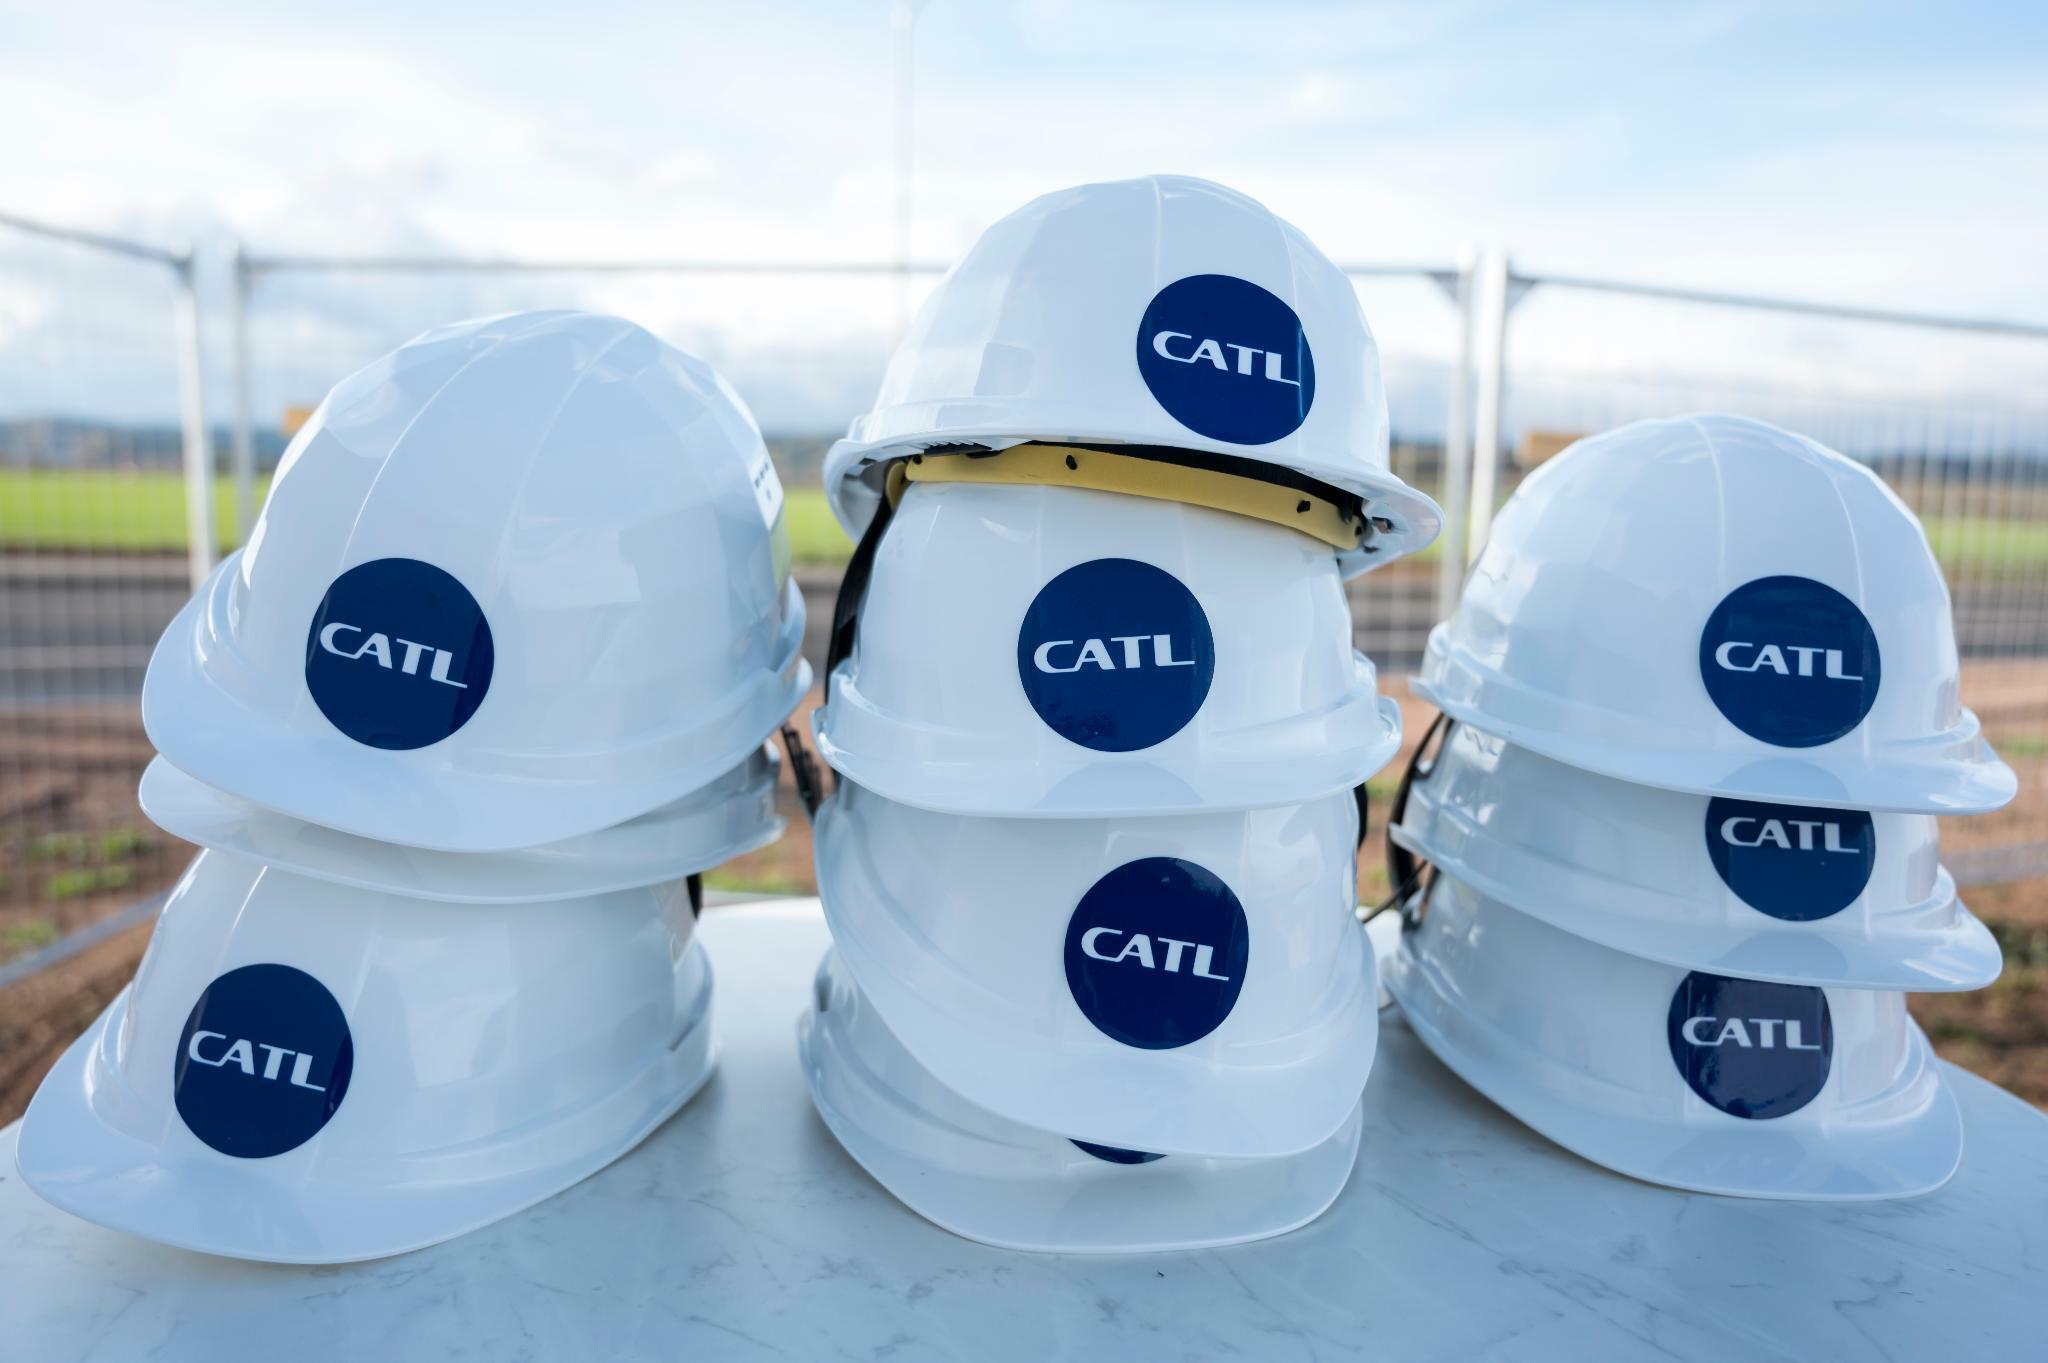 Batterie-Riese: CATL prescht mit Zellfabrik in Deutschland vor